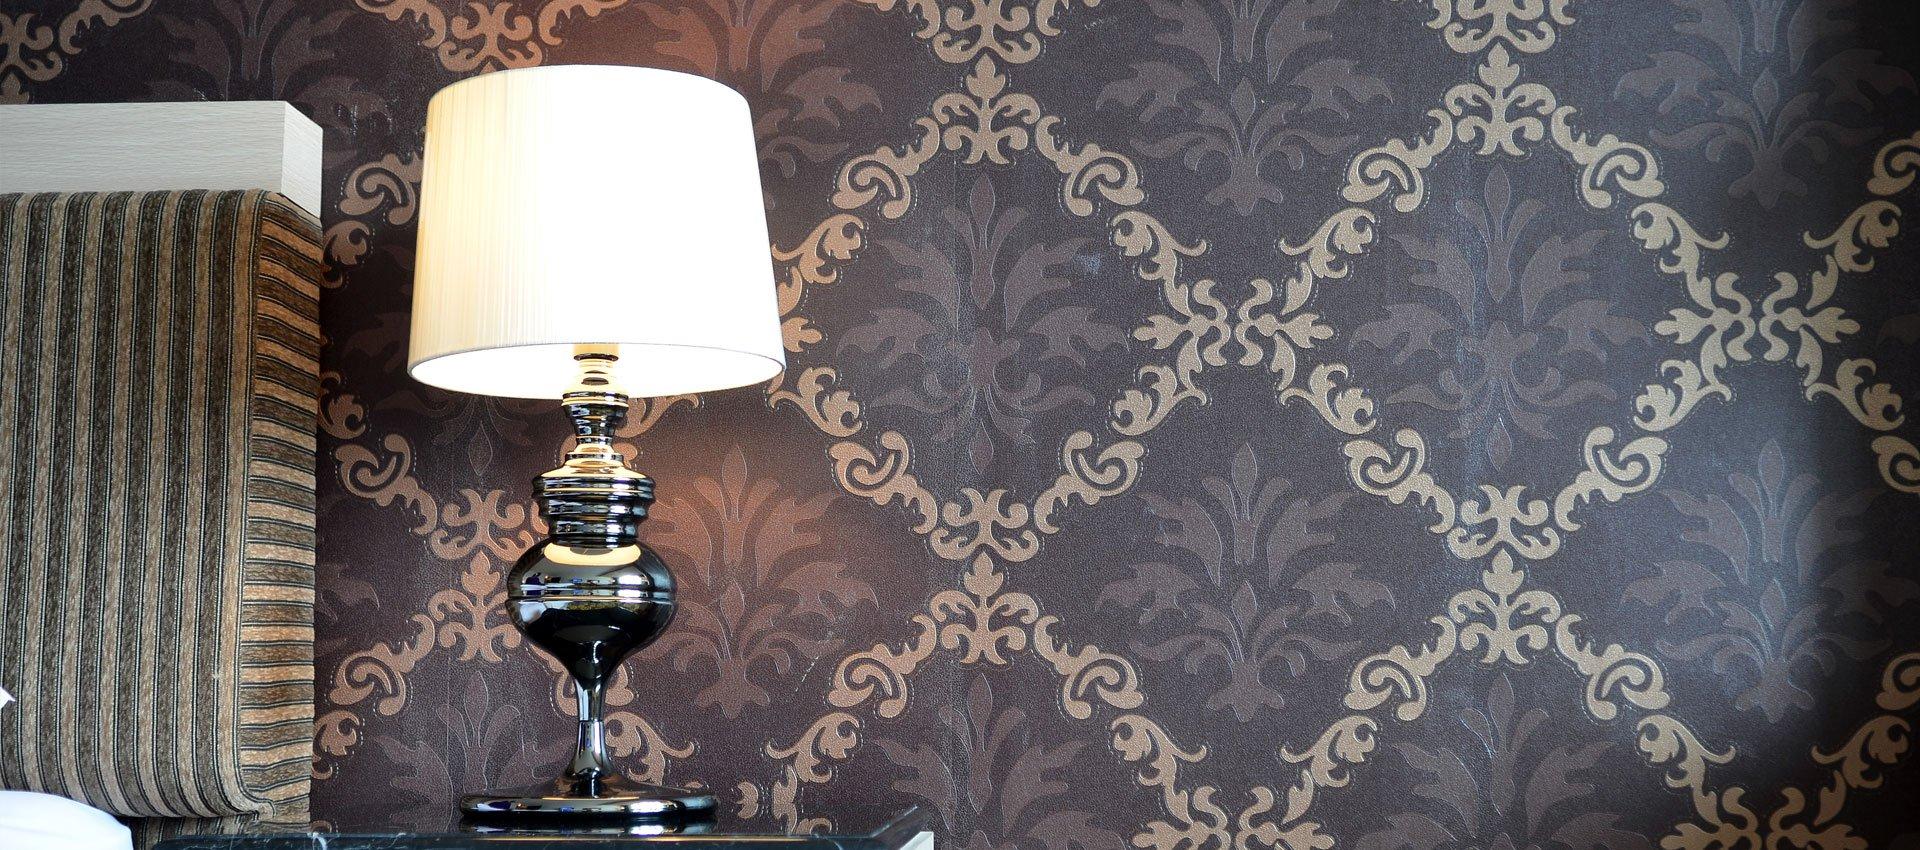 wallpaper maintenance